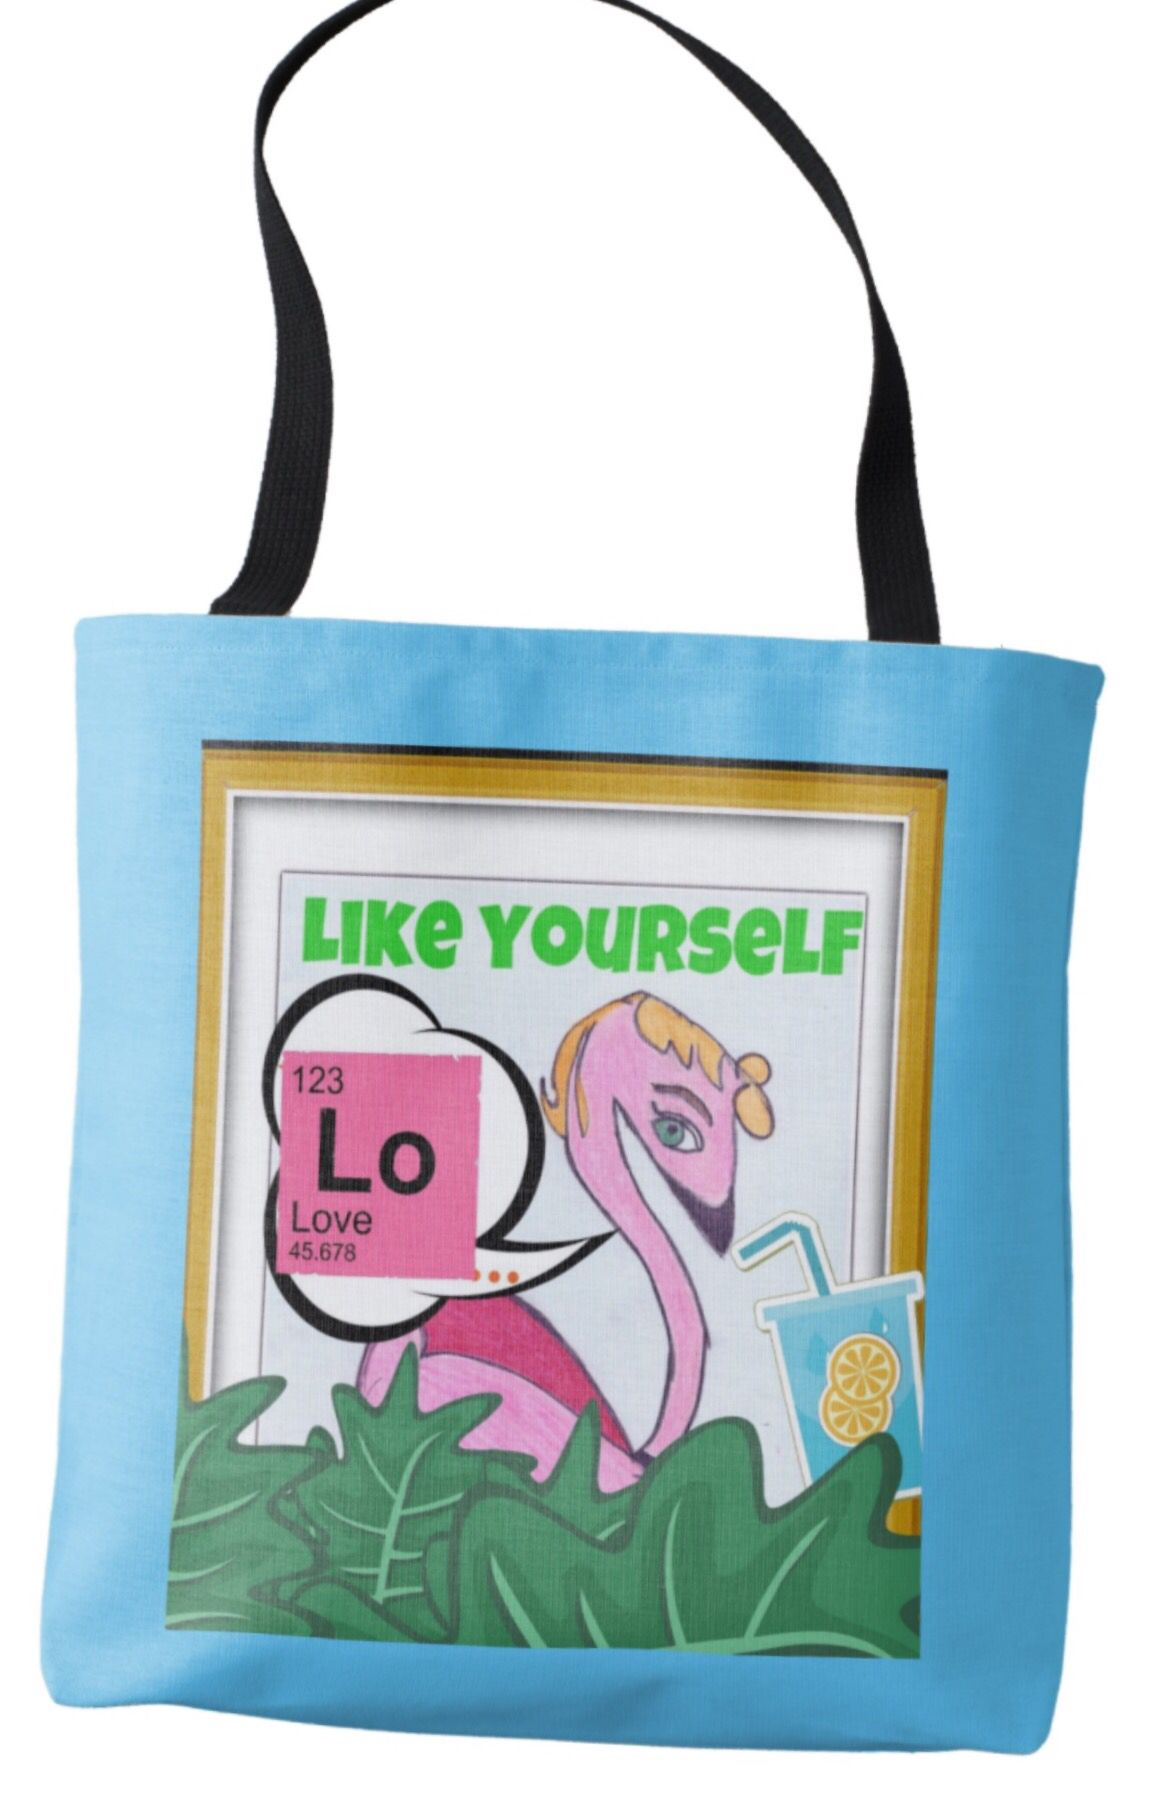 Revival Bag Bags, Reusable tote bags, Tote bag